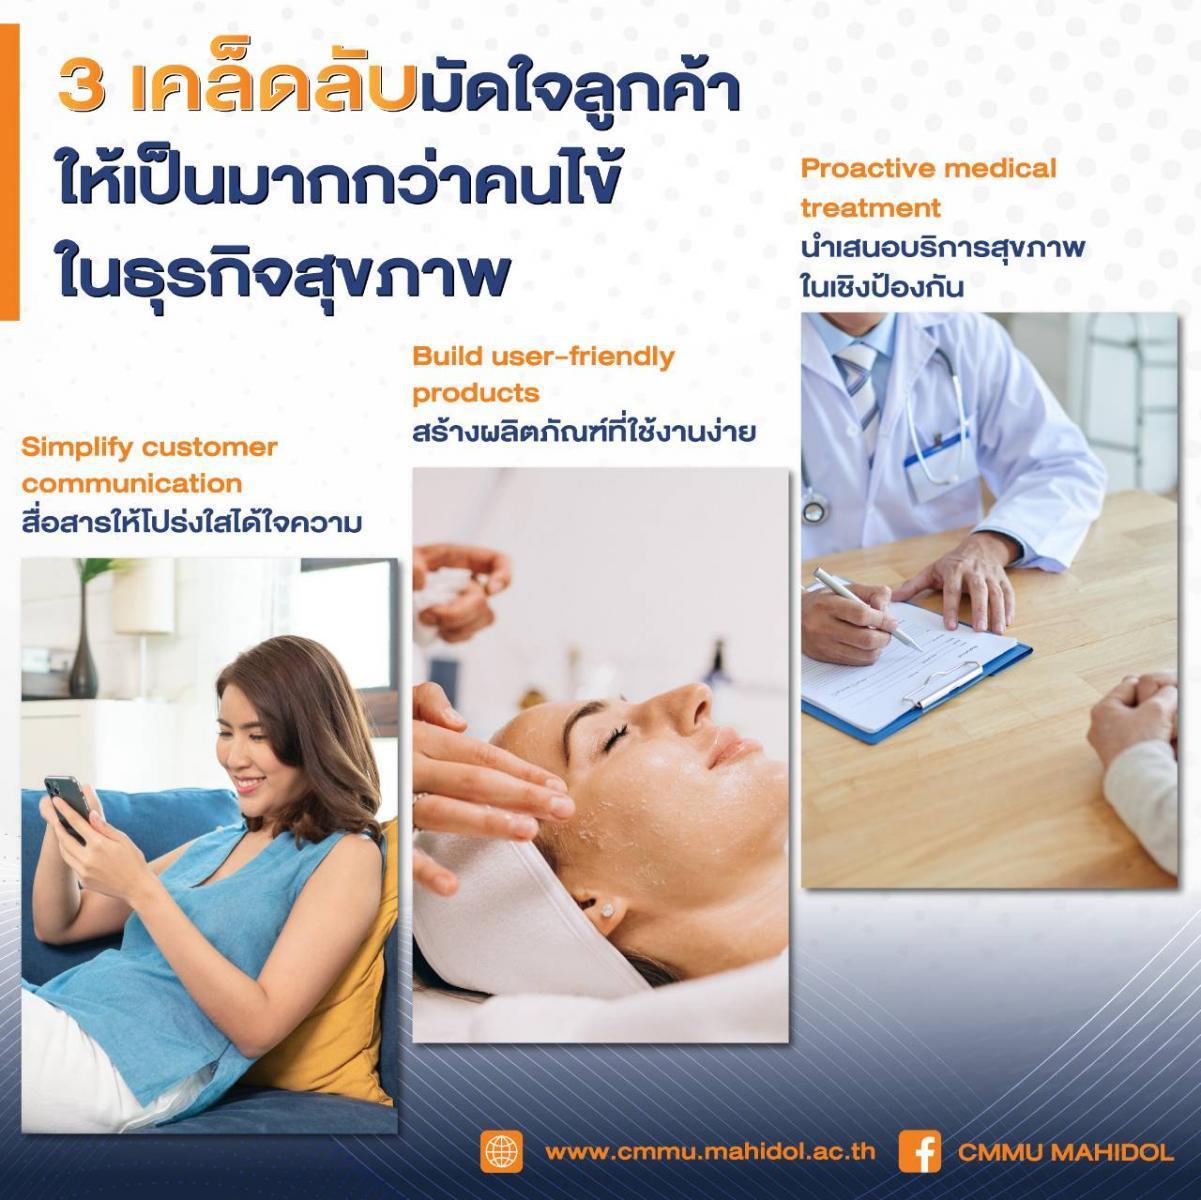 3 เคล็ดลับมัดใจลูกค้าให้เป็นมากกว่าคนไข้  ในธุรกิจสุขภาพยุคใหม่